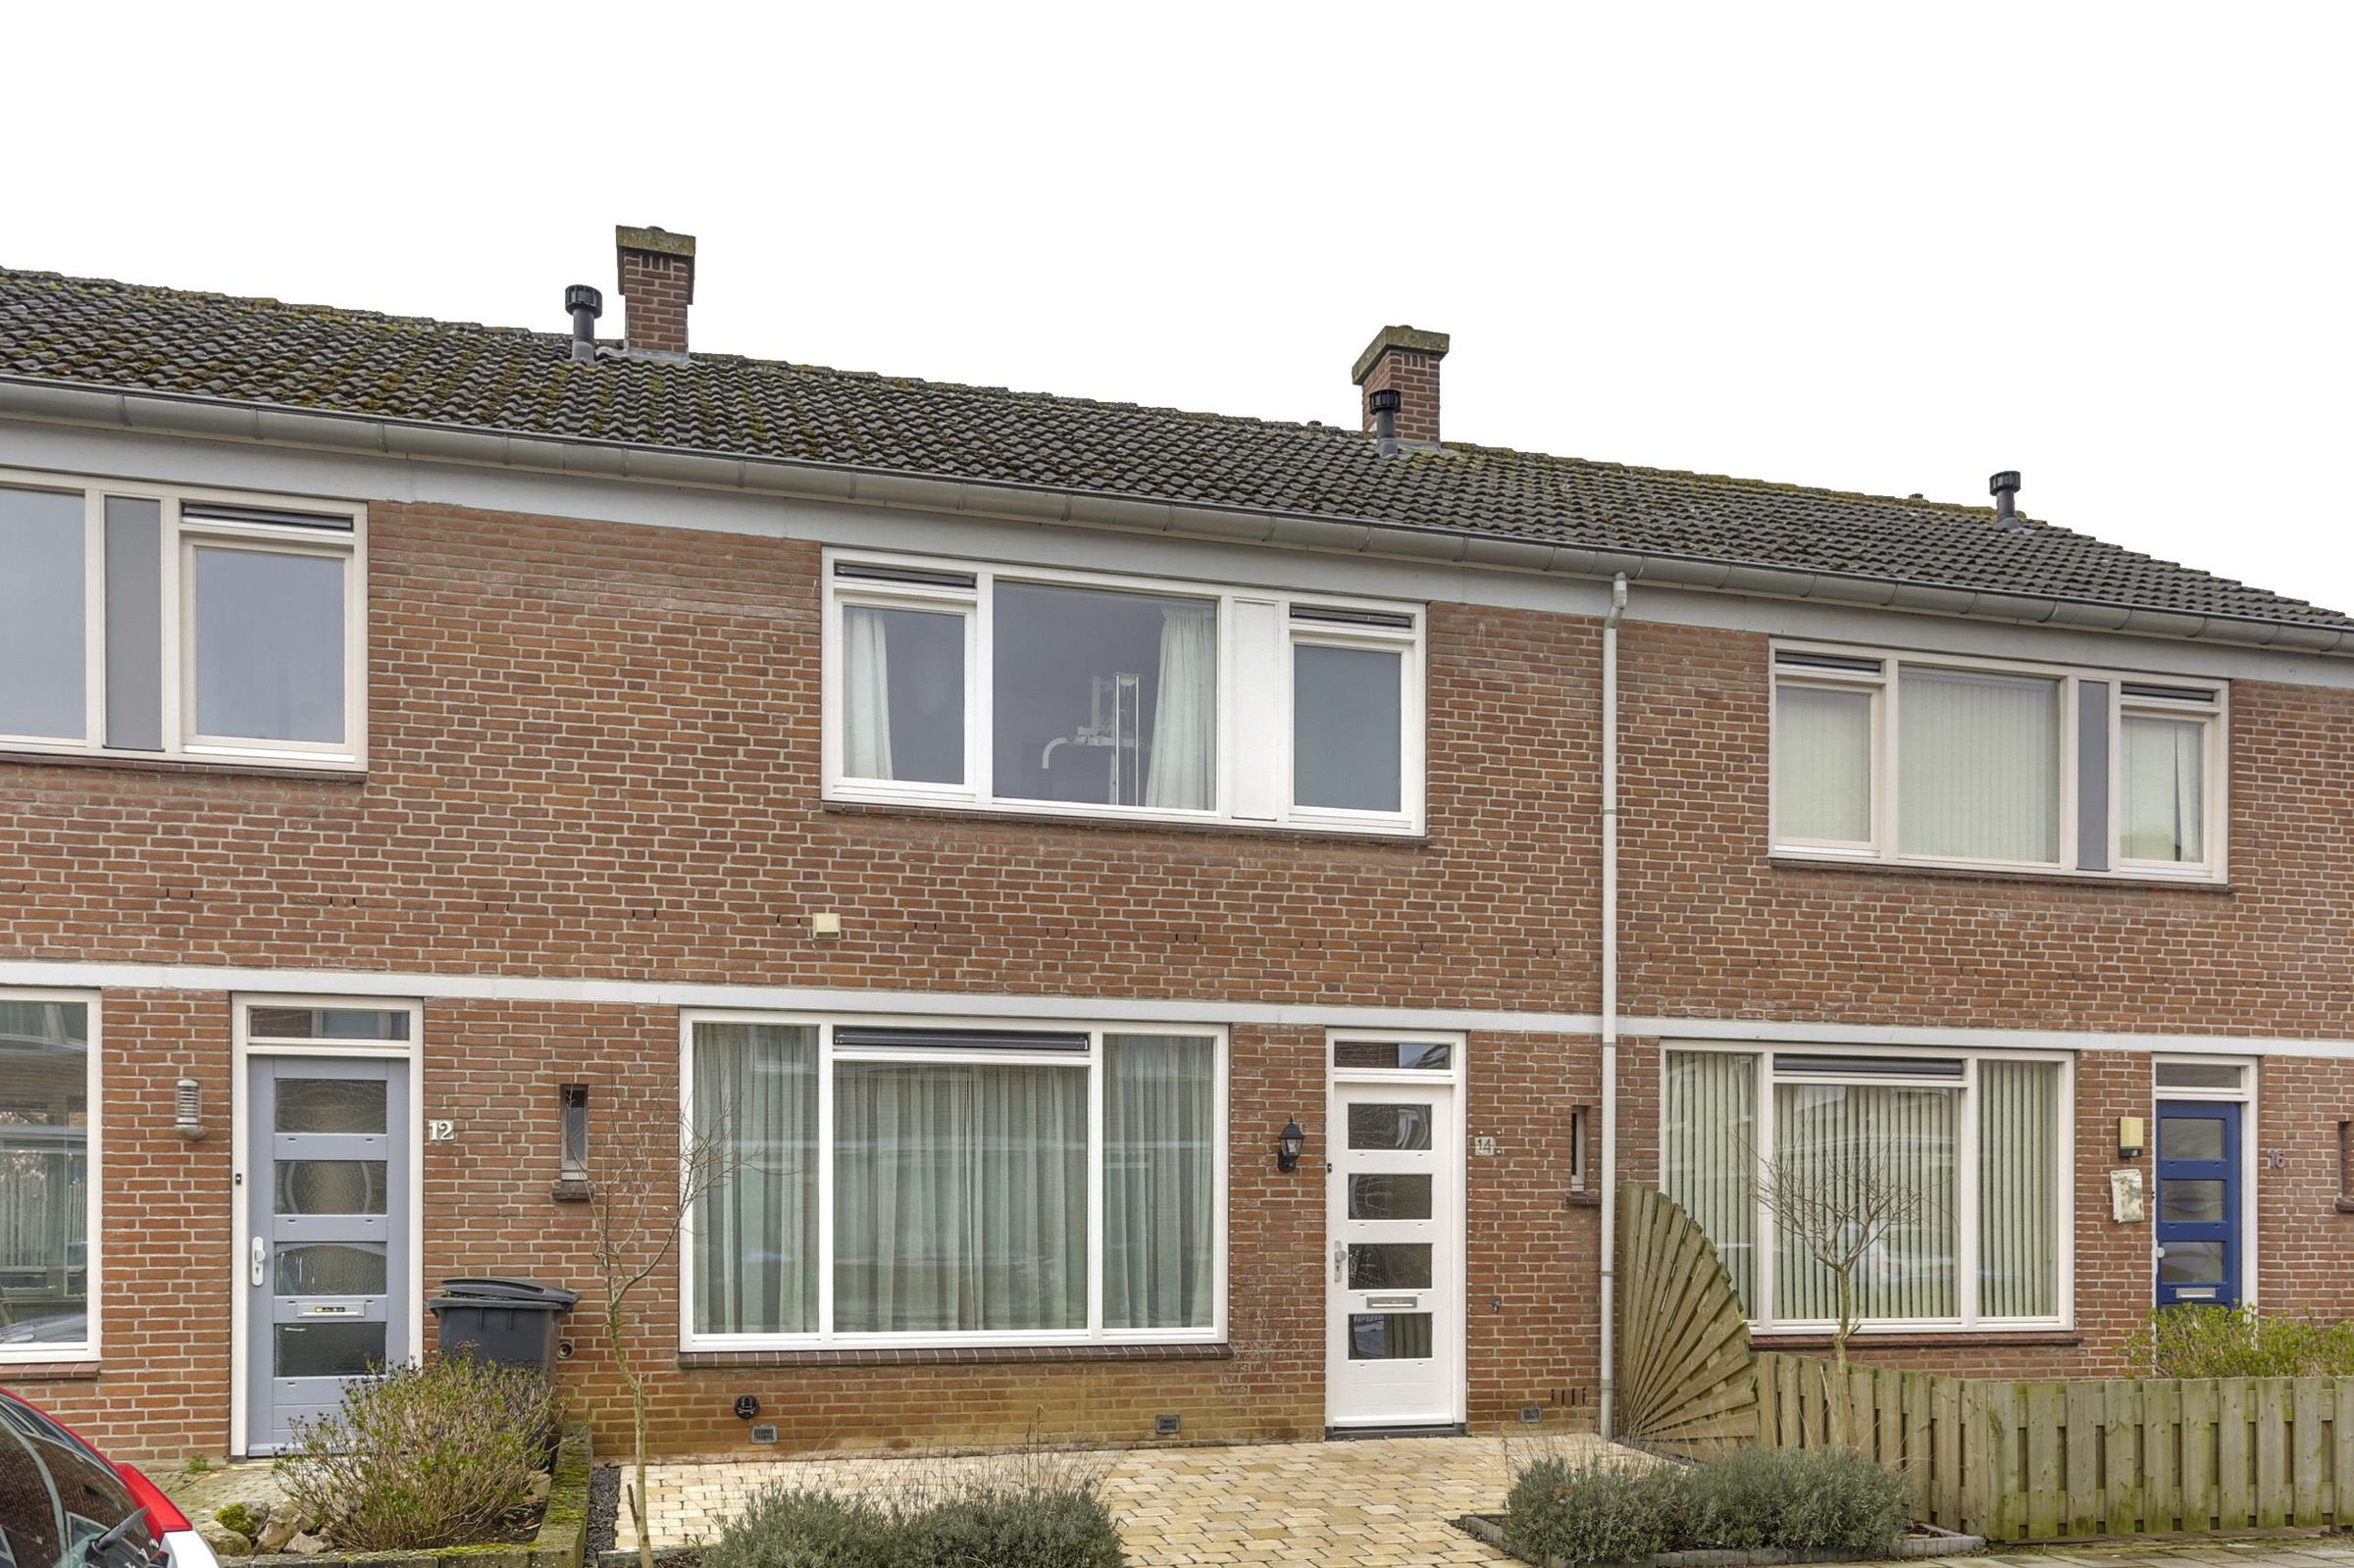 Jan van Galenstraat 14, 's-Hertogenbosch